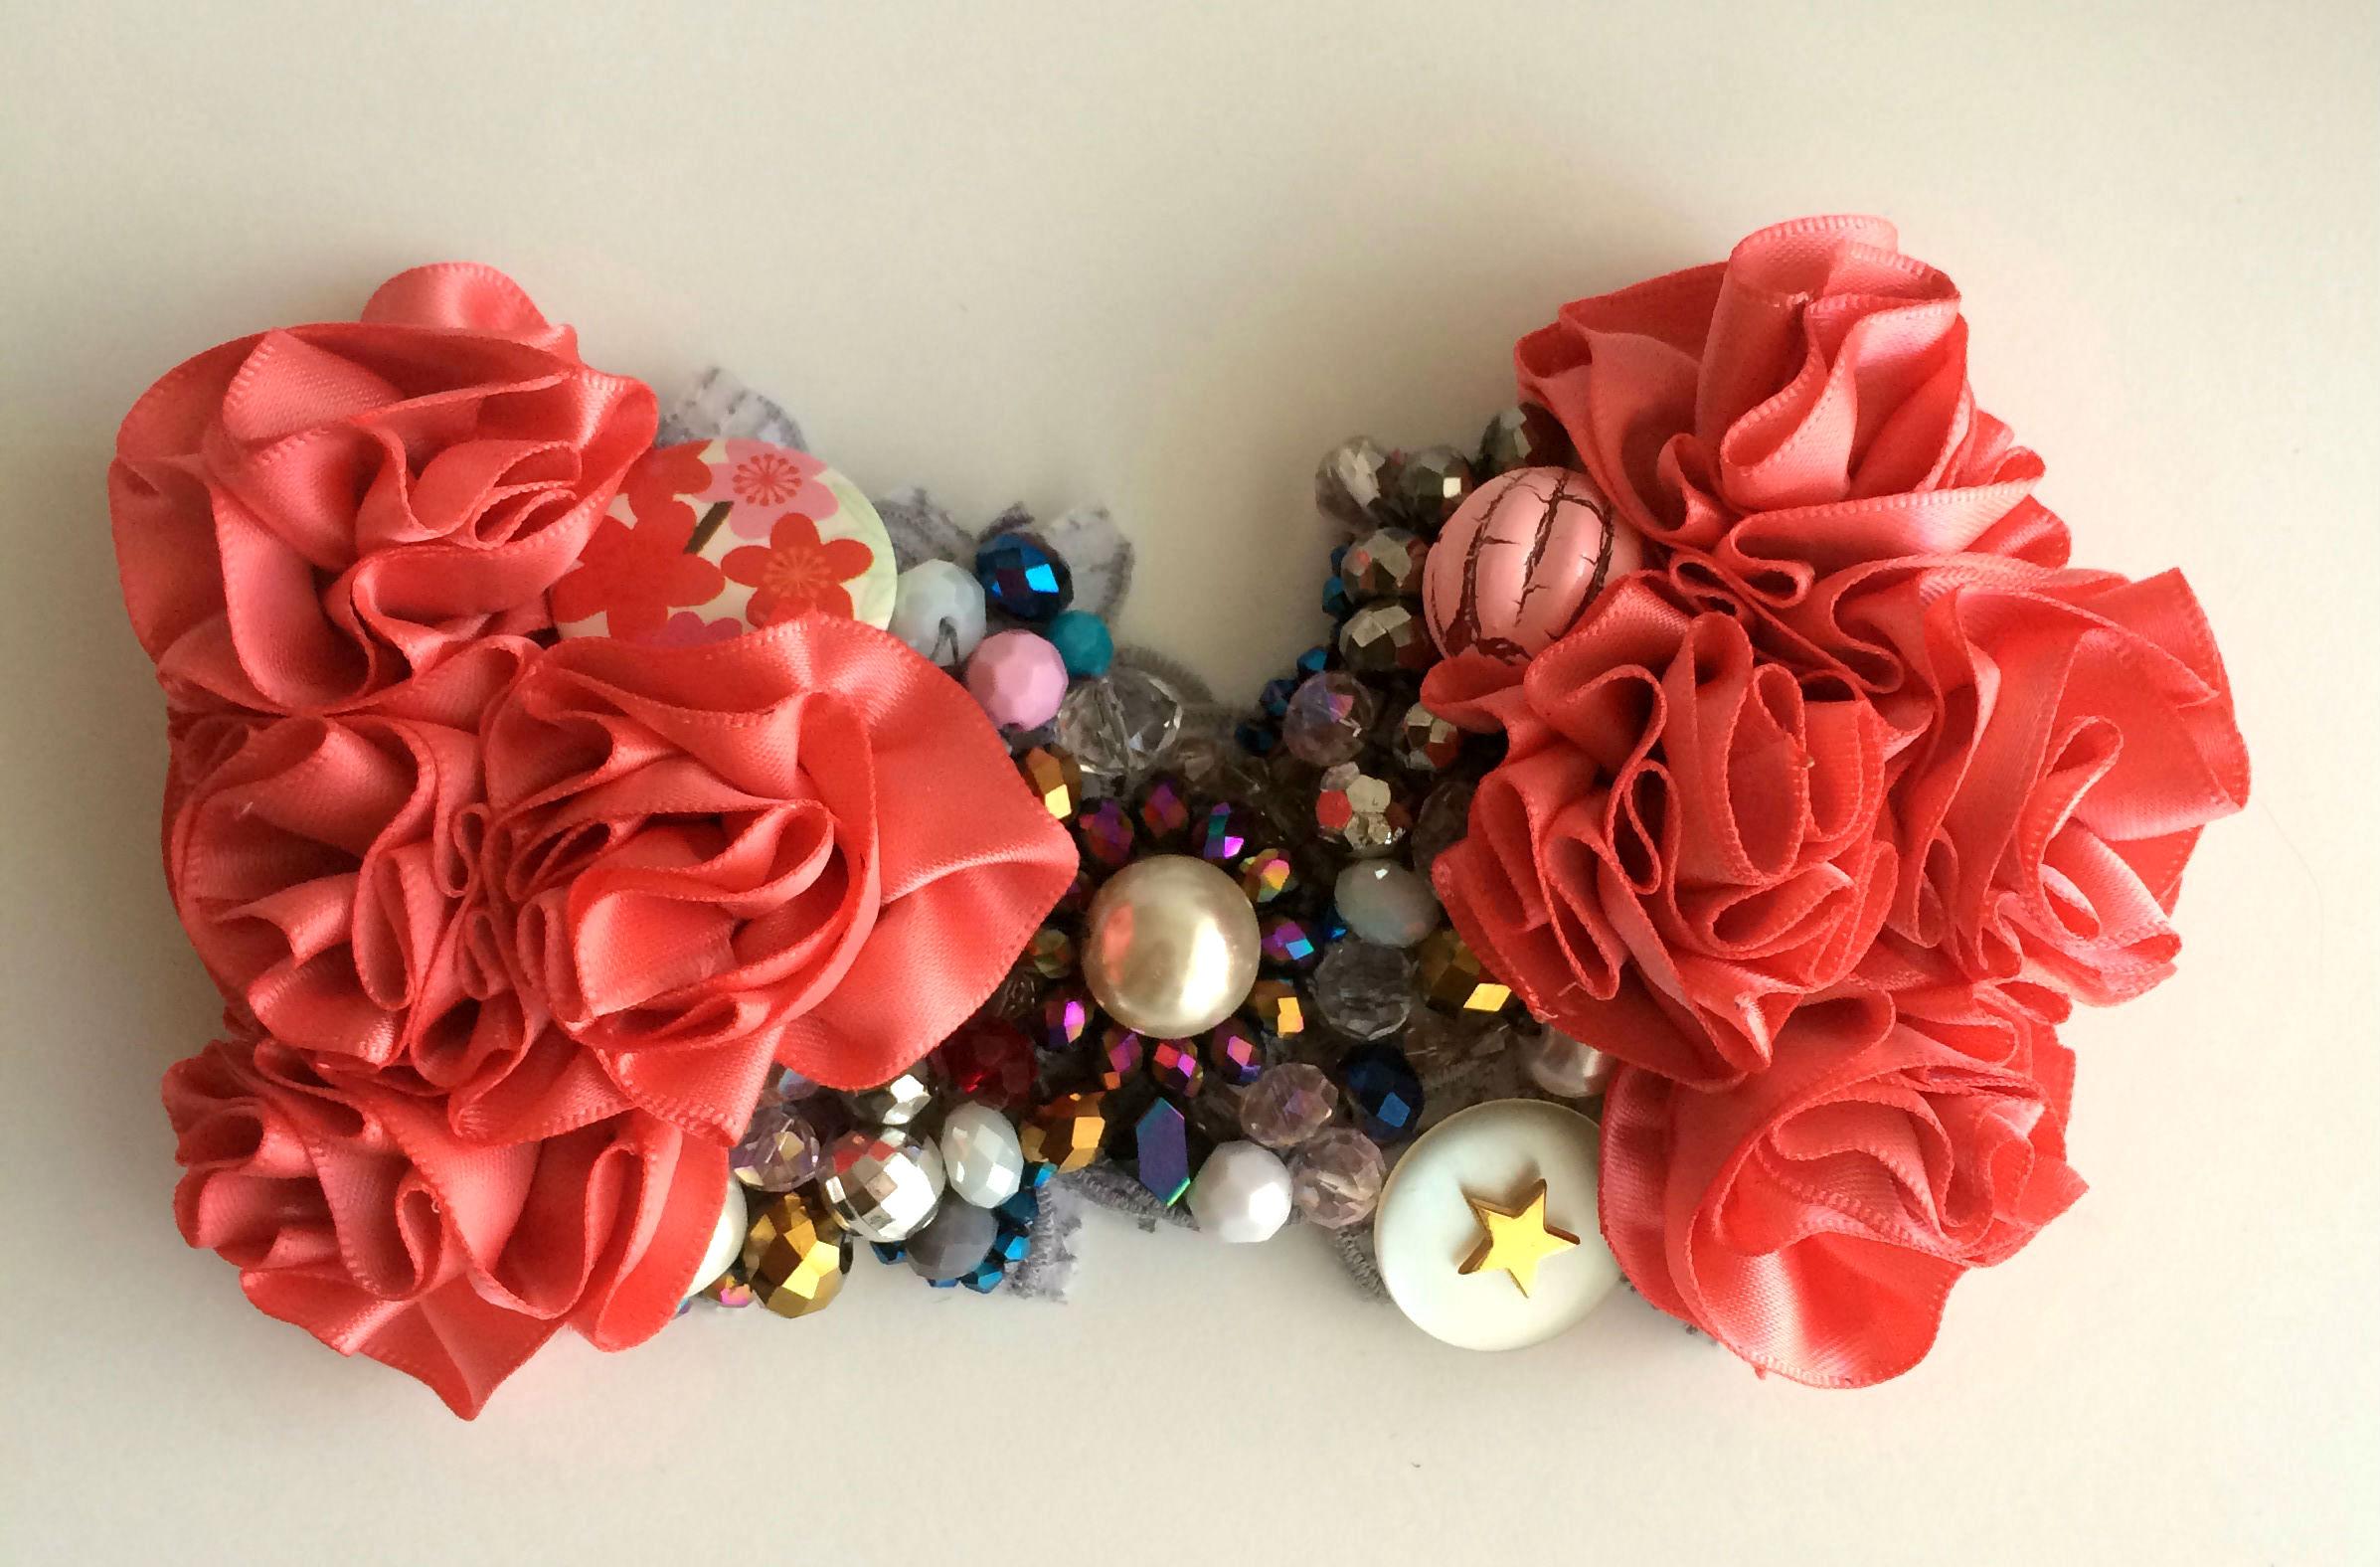 La colección Primavera Verano de María Antonieta, accesorios hechos a mano